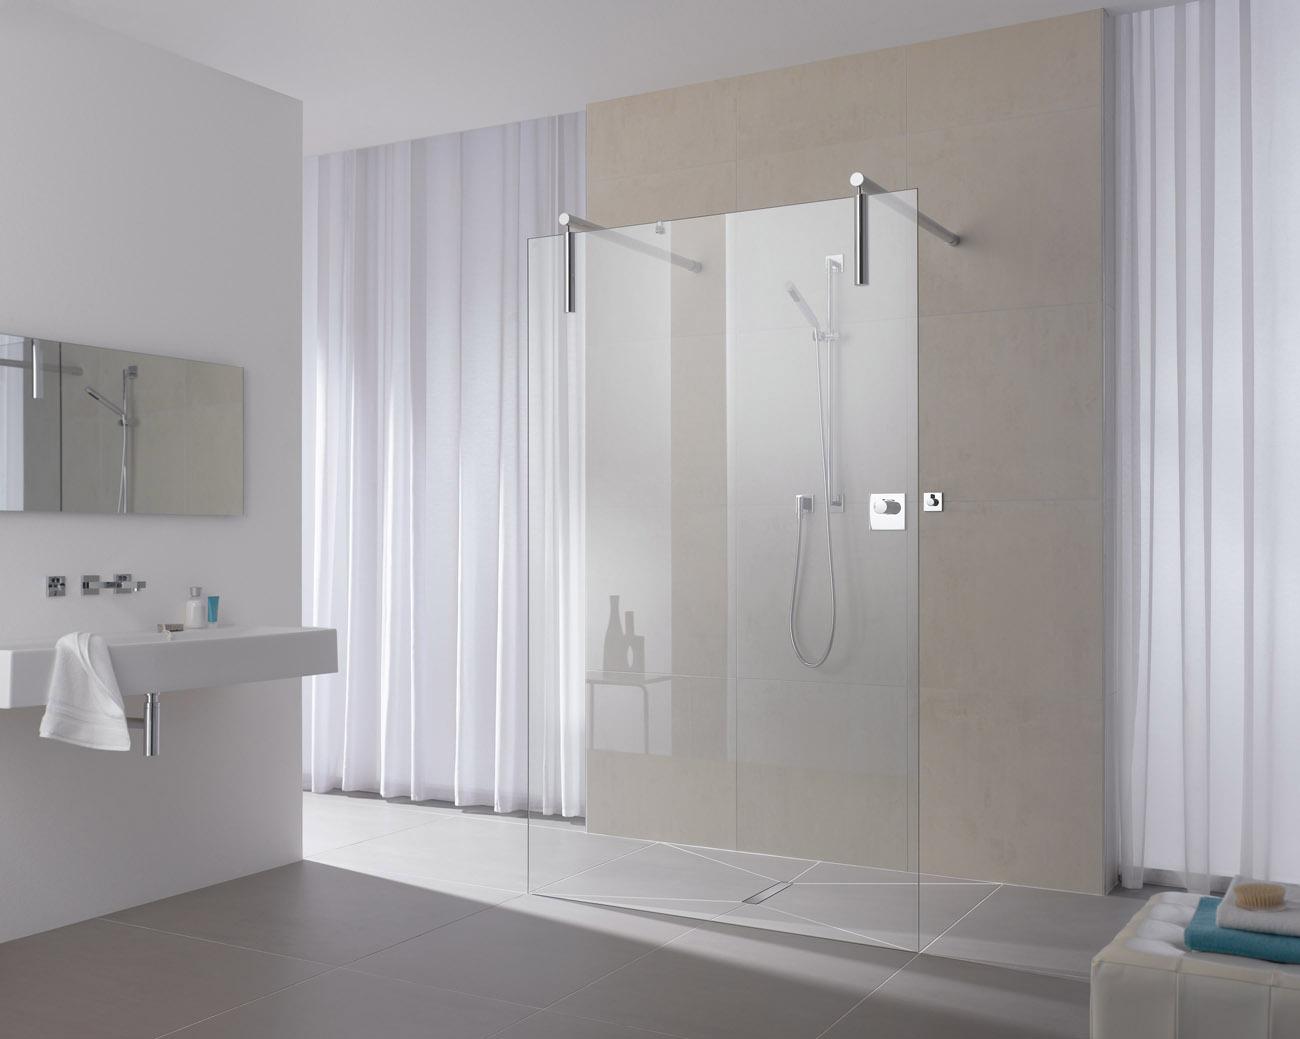 Salle De Bain Avec 2 Entrees salles de bains - atre & loisirs